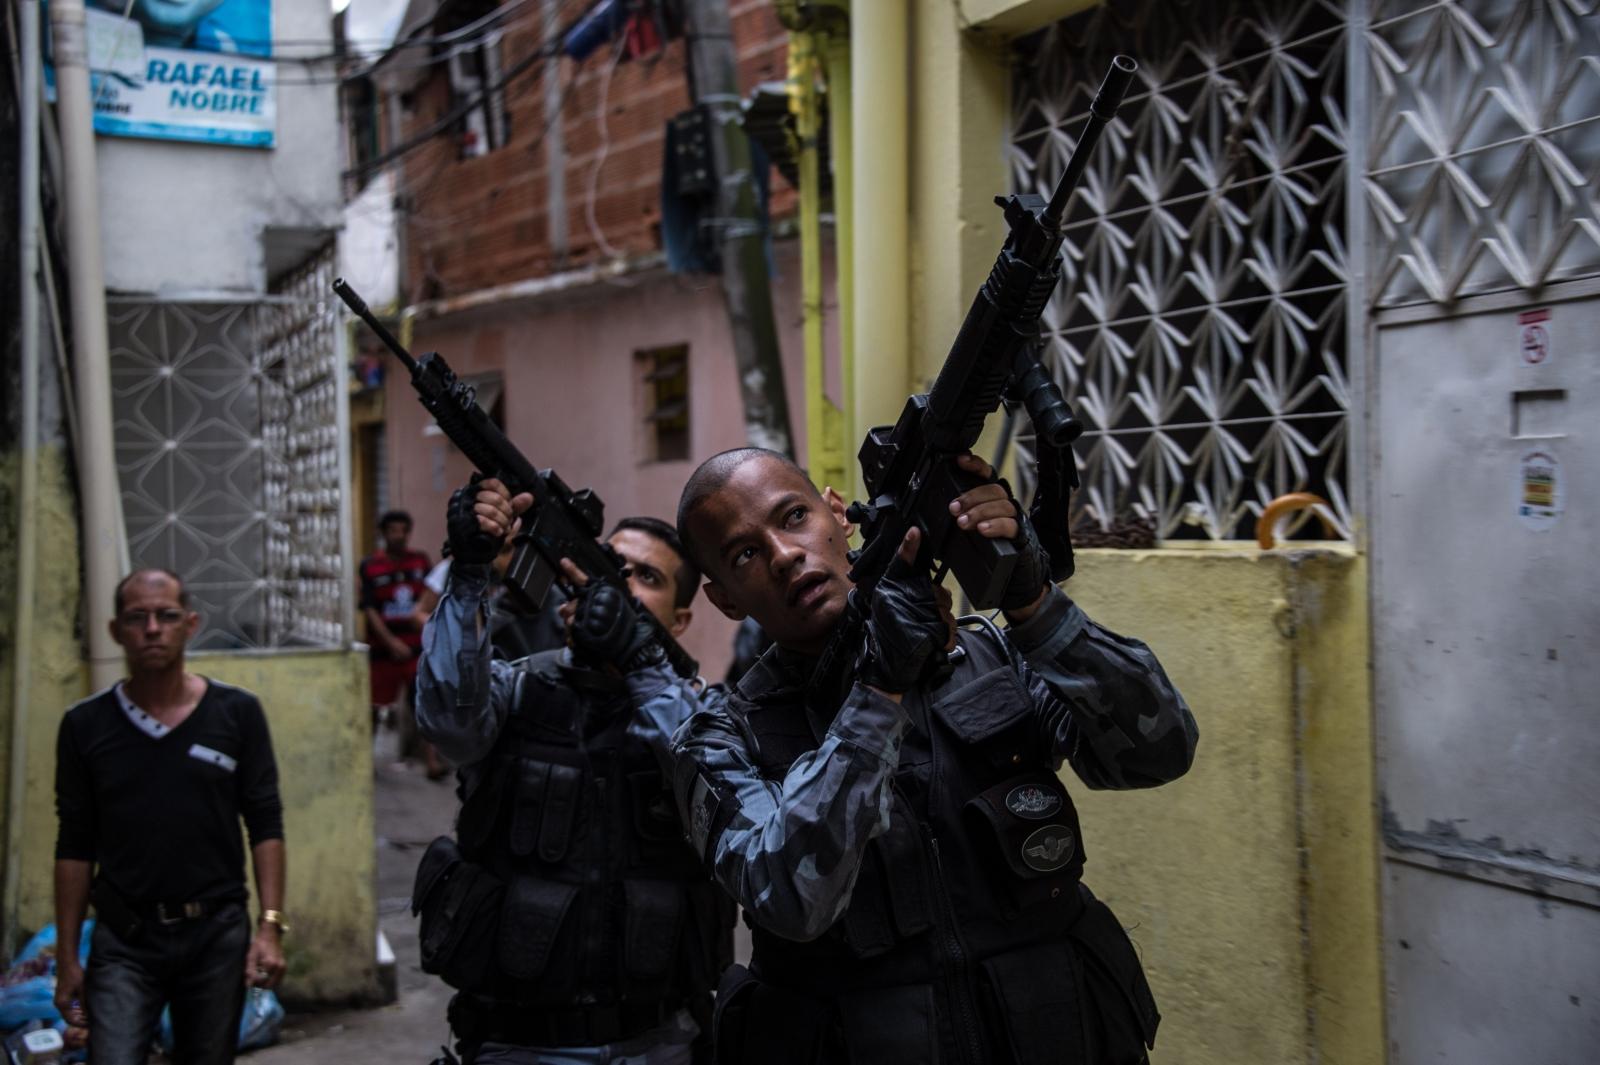 Shantytowns of Rio de Janeiro.